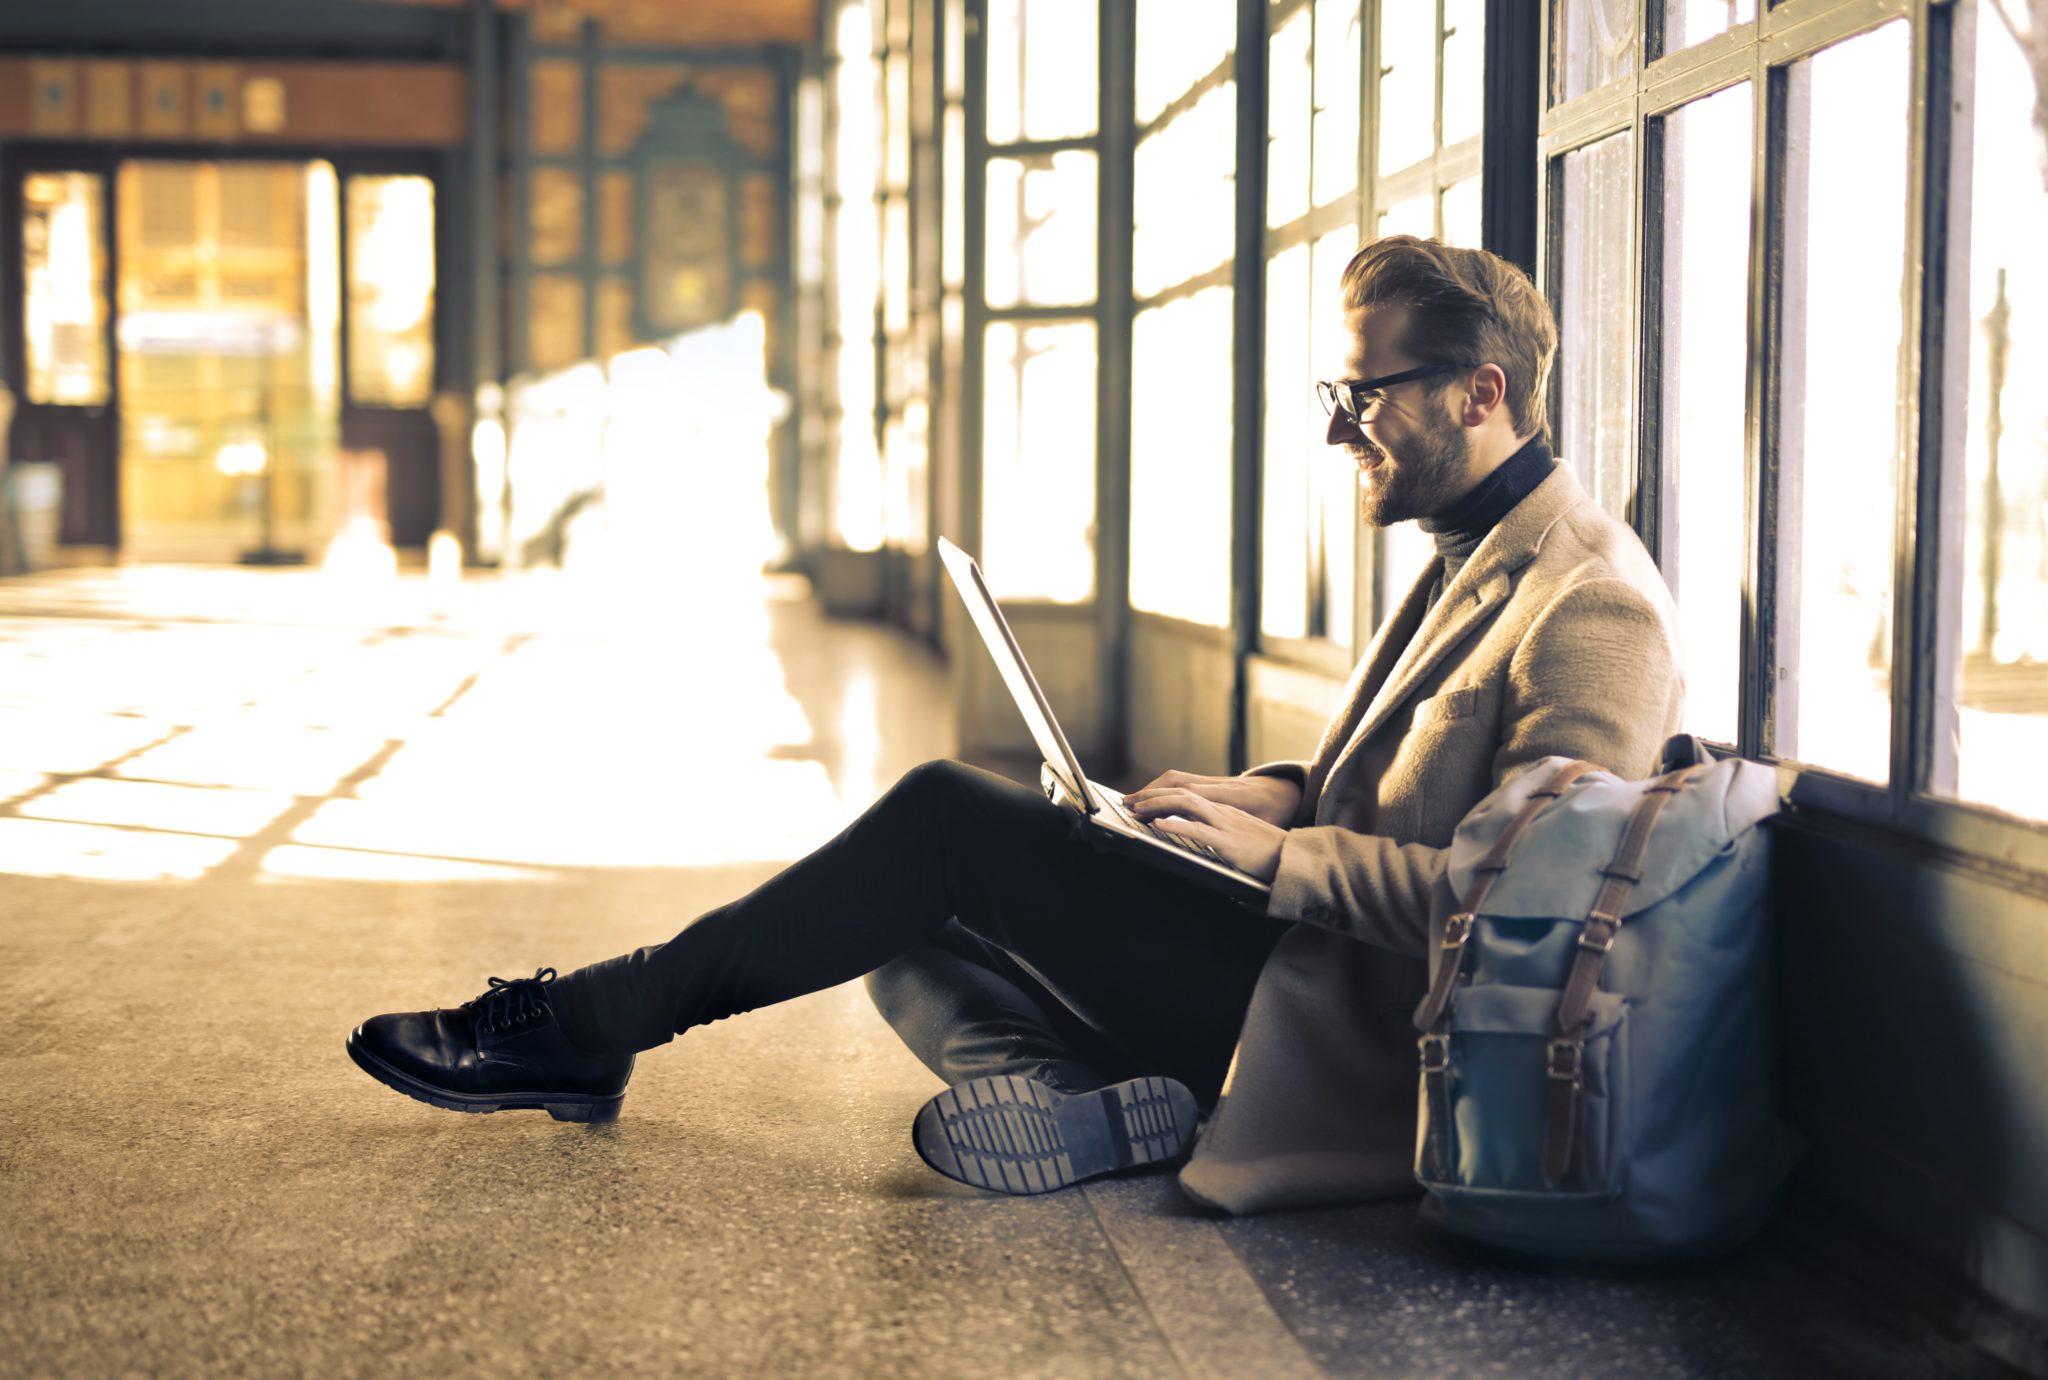 5 проверенных шагов кбогатству: ментальные упражнения